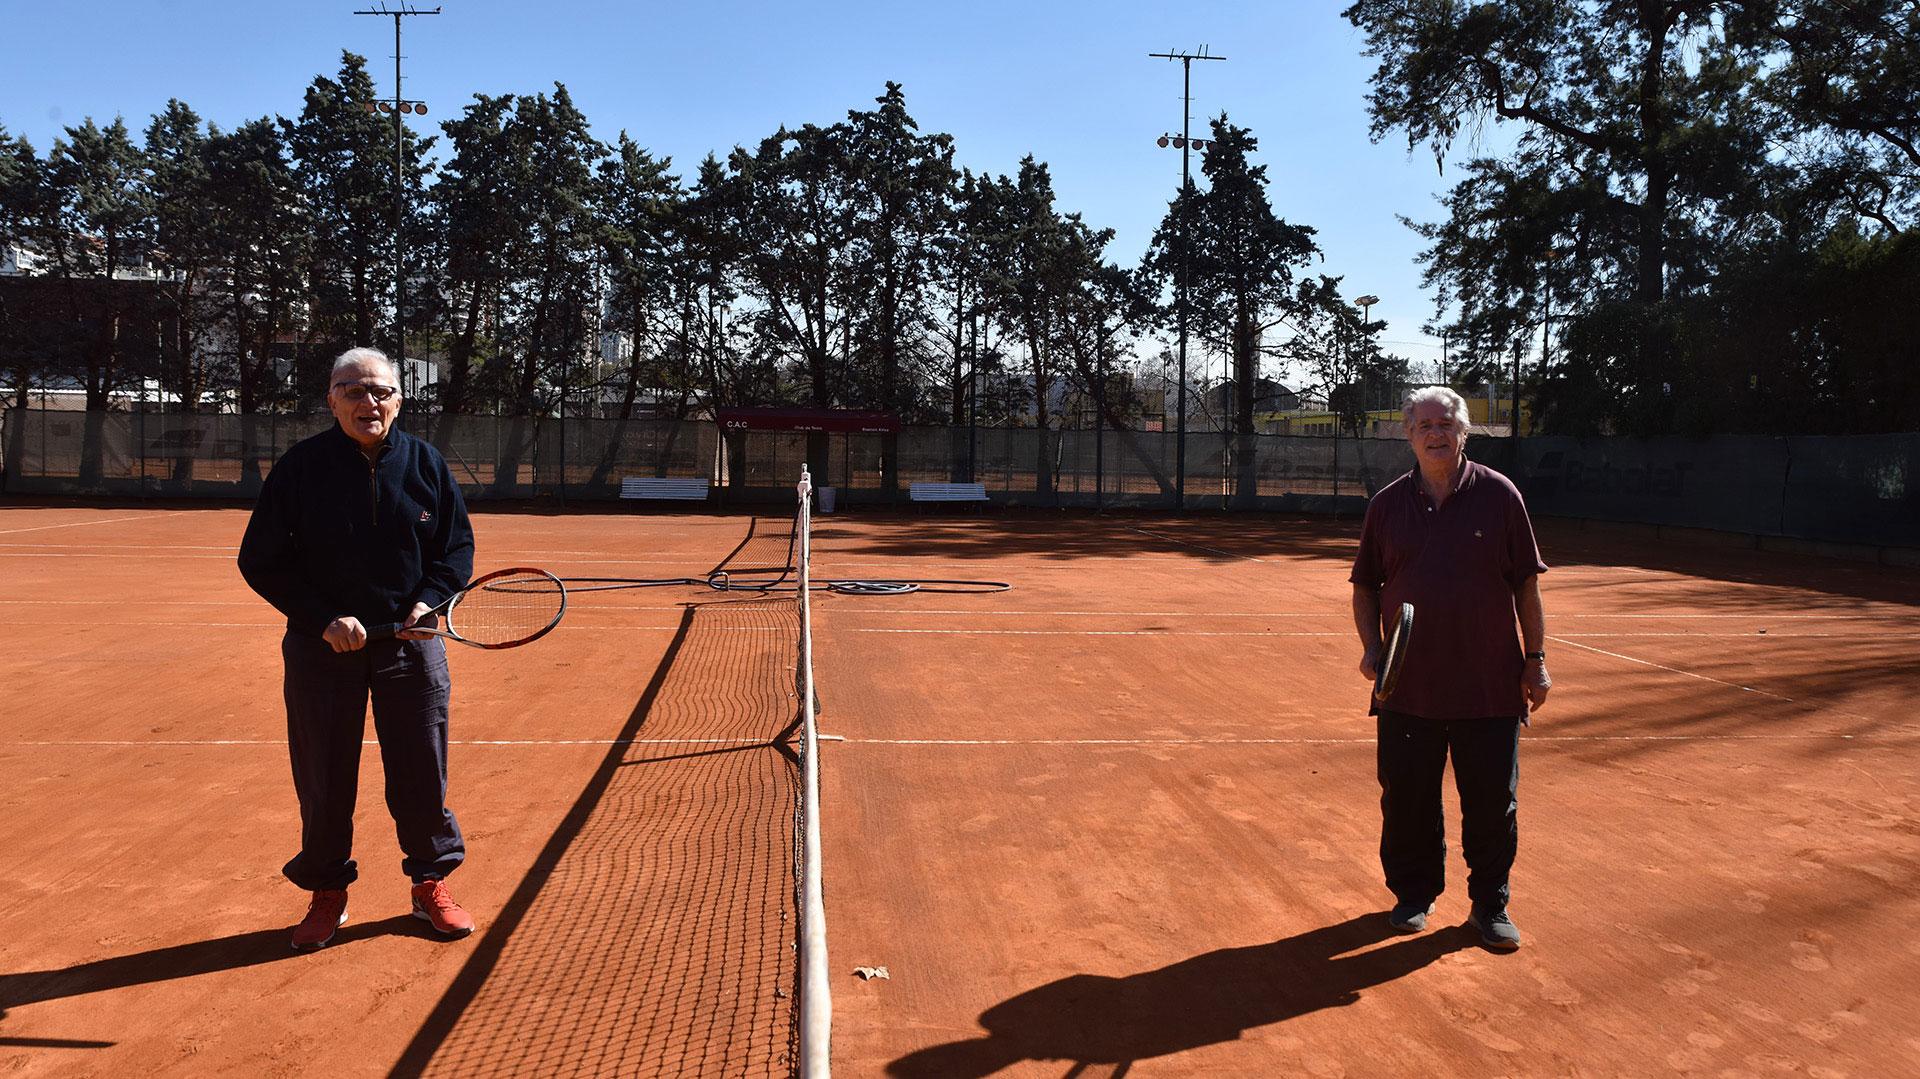 Las canchas porteñas de tenis volvieron a abrir sus puertas luego de cinco meses